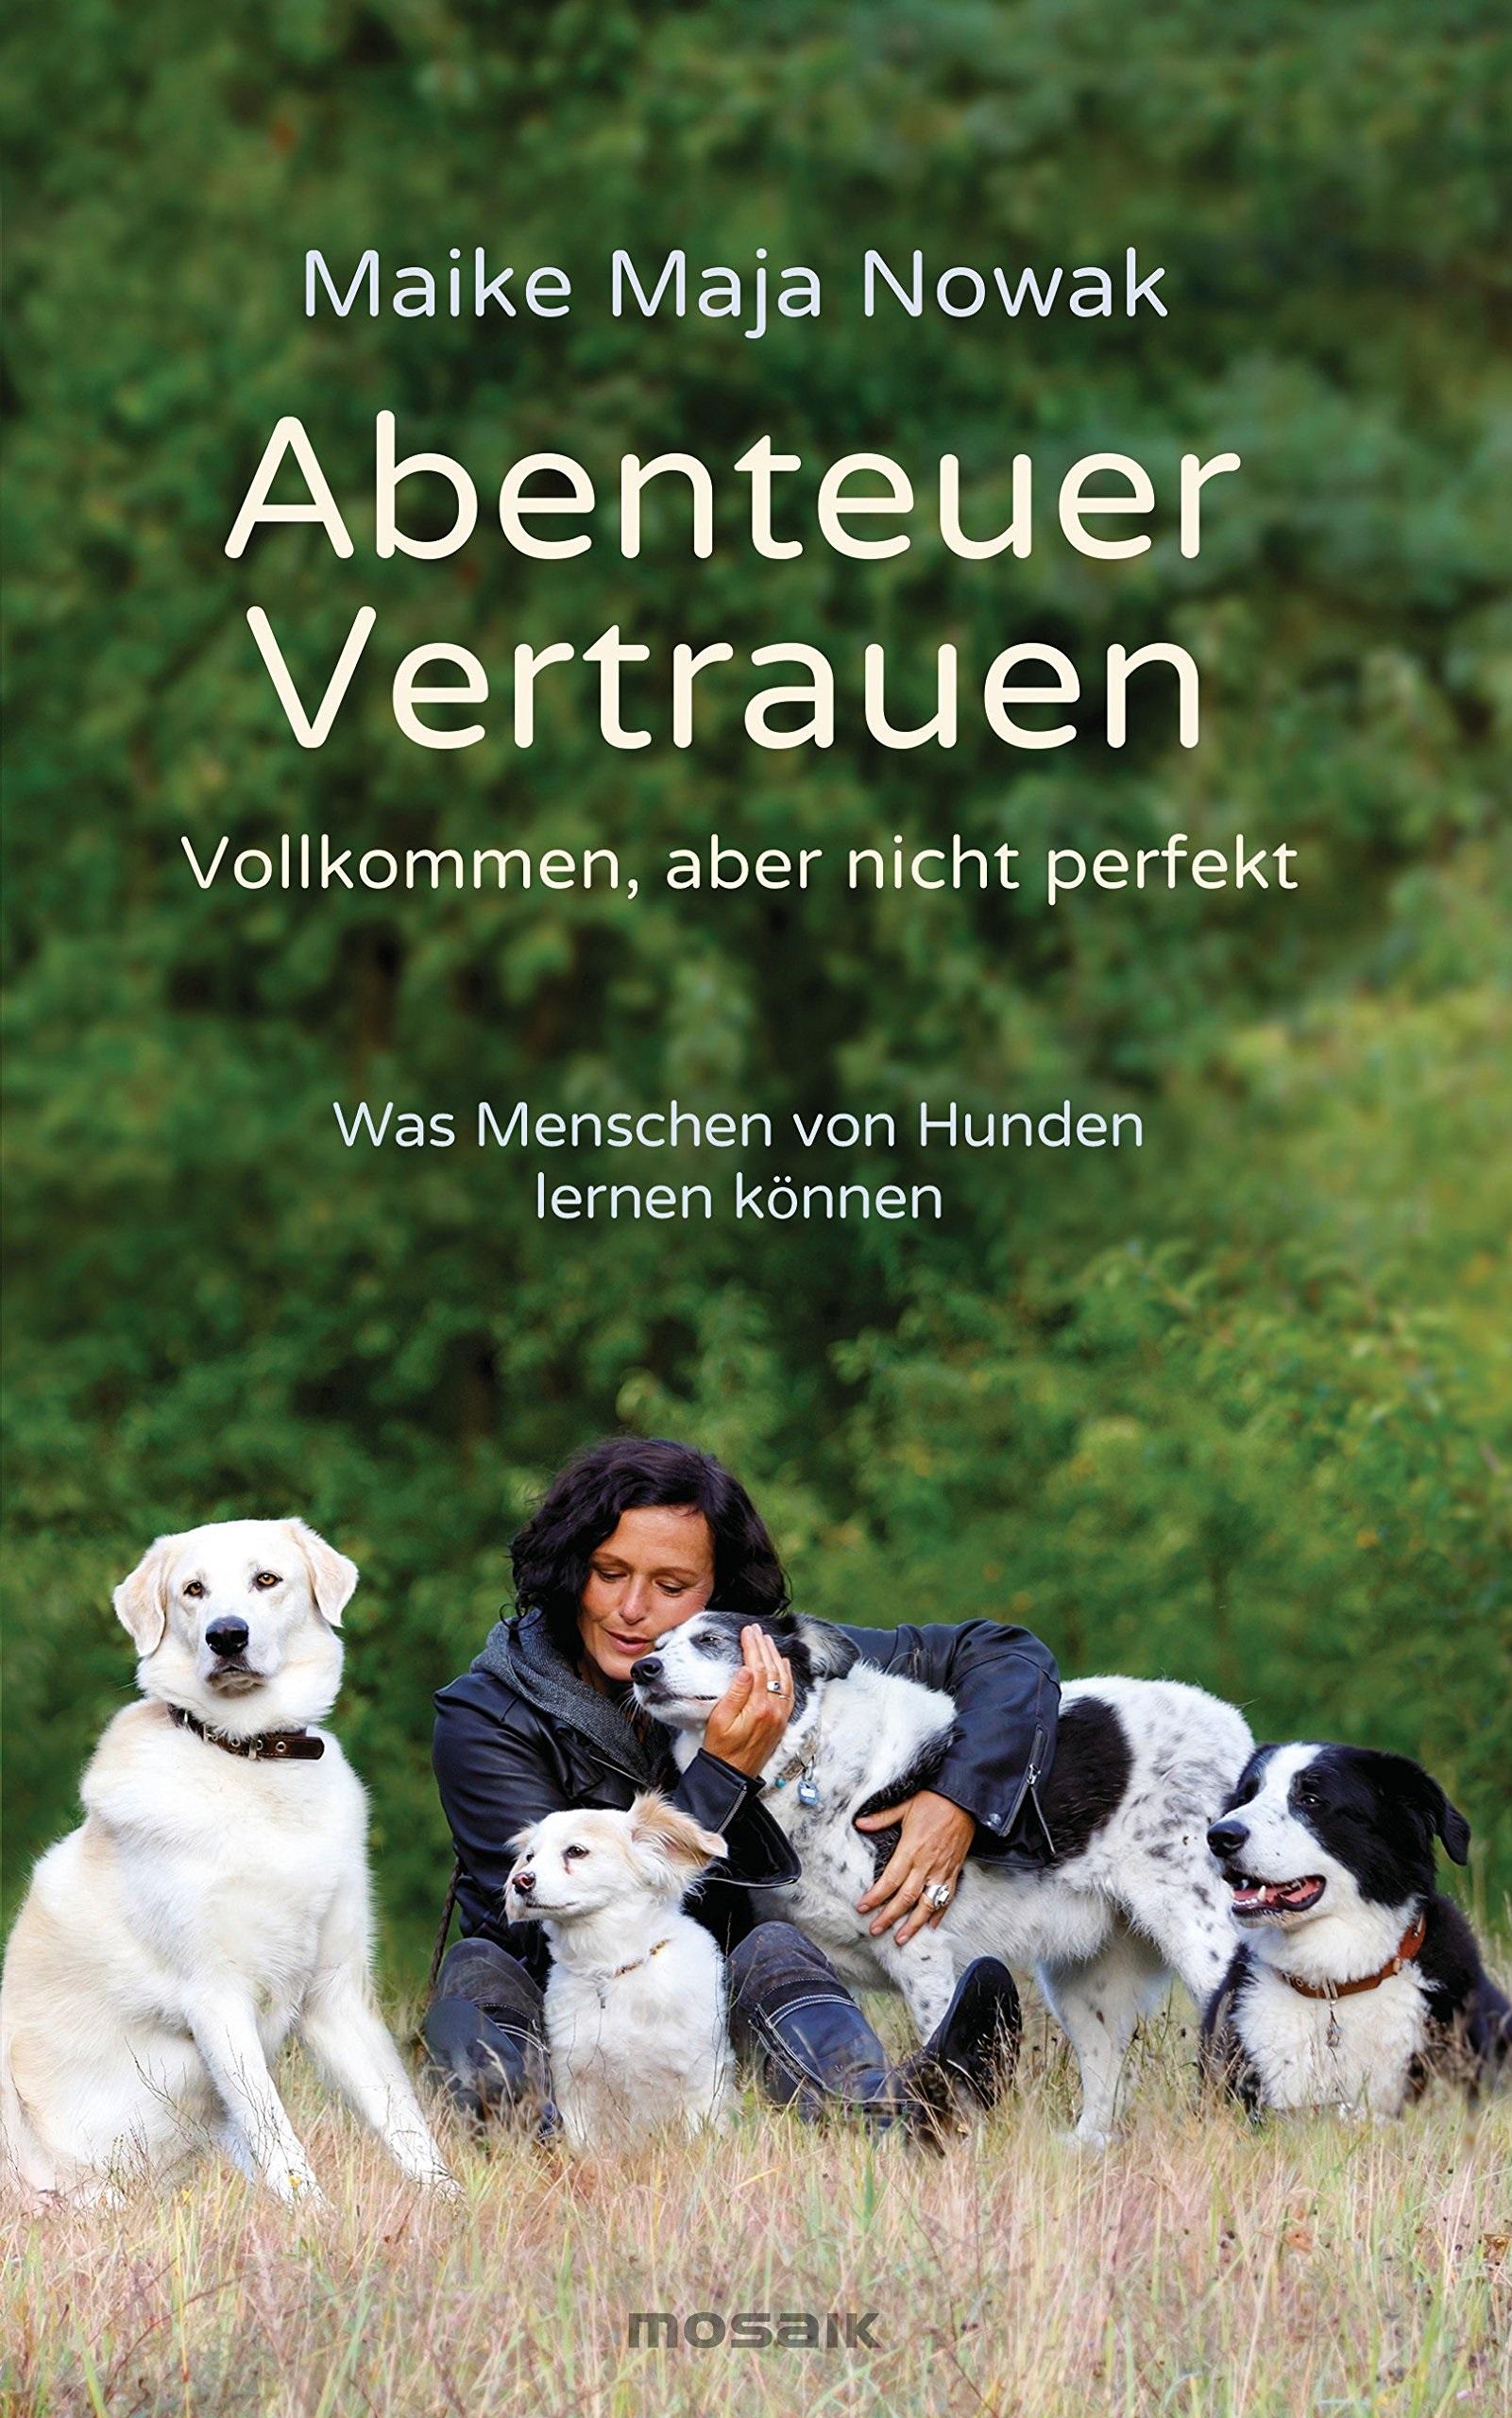 Abenteuer Vertrauen: Vollkommen, aber nicht perfekt - Was Menschen von Hunden lernen können - Nowak, Maike Maja